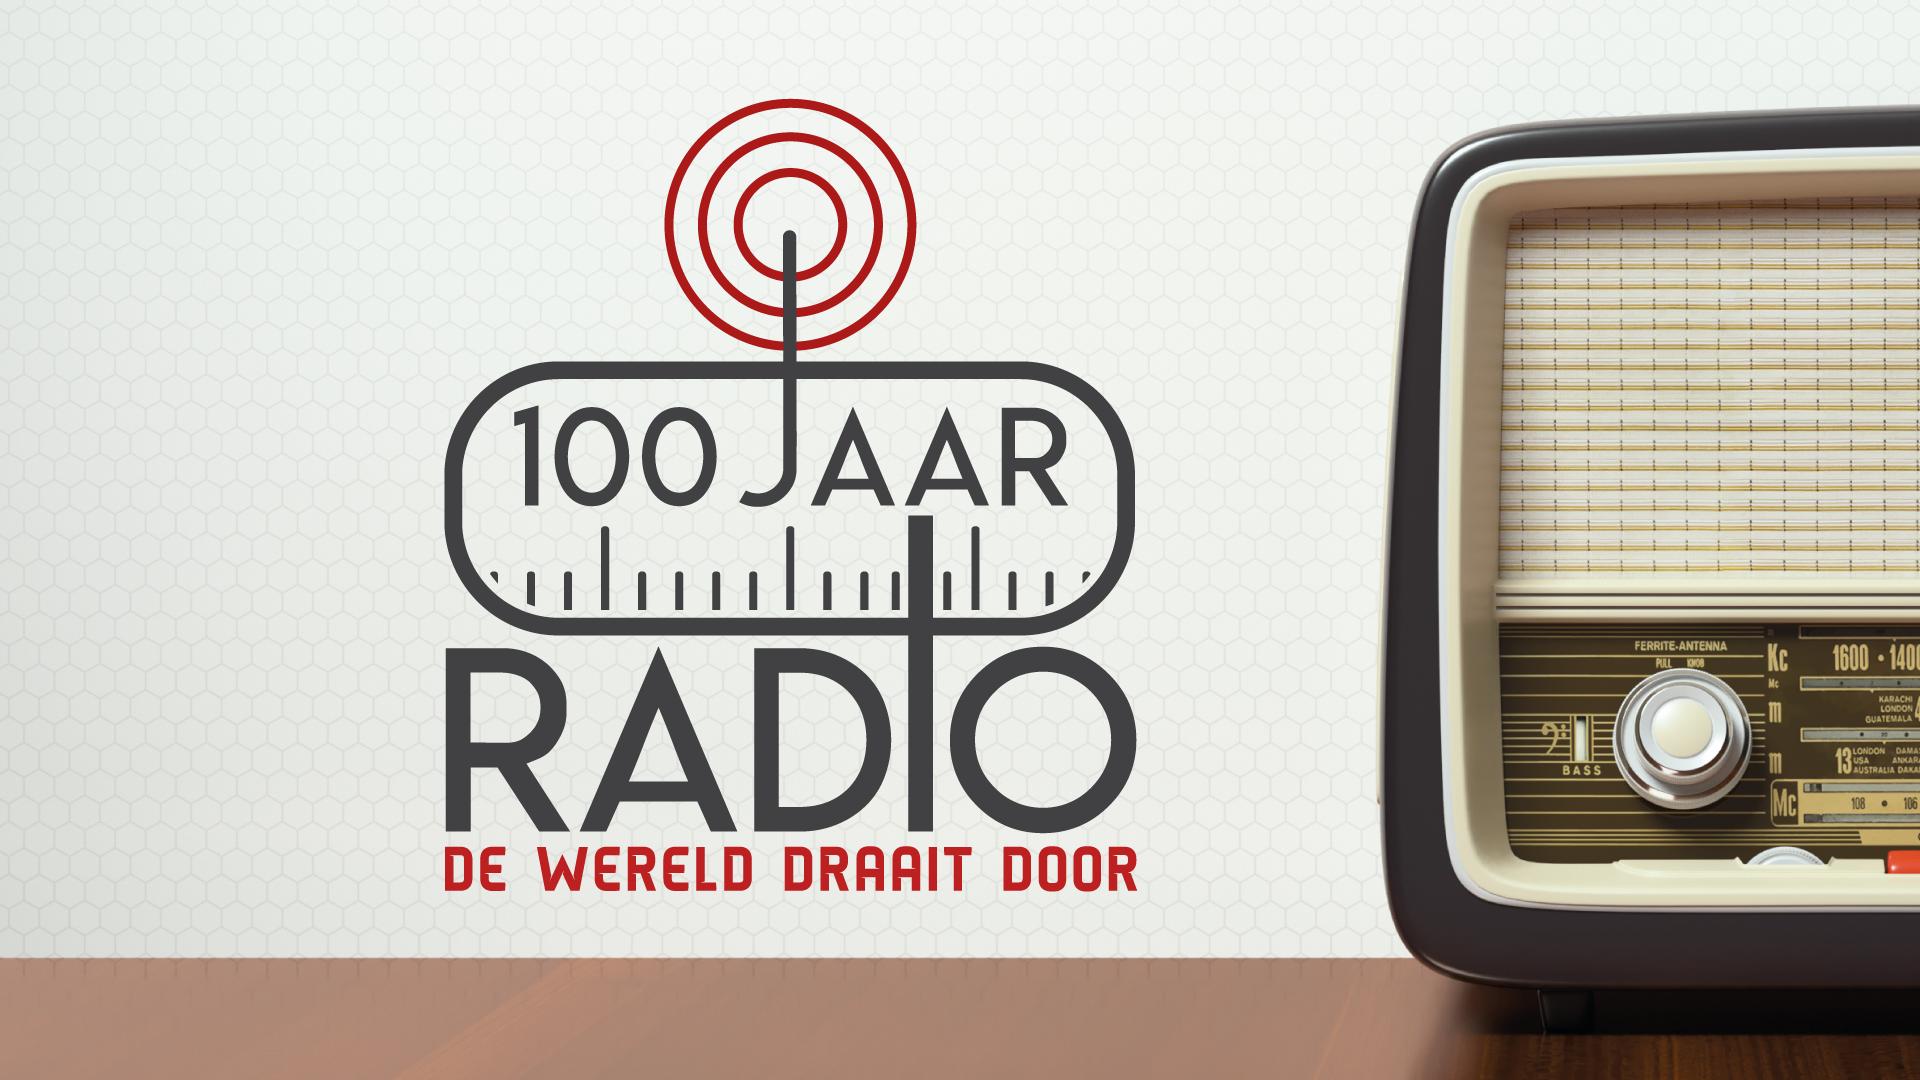 DWWD maakt speciale uitzending ter ere van 100 jaar Radio